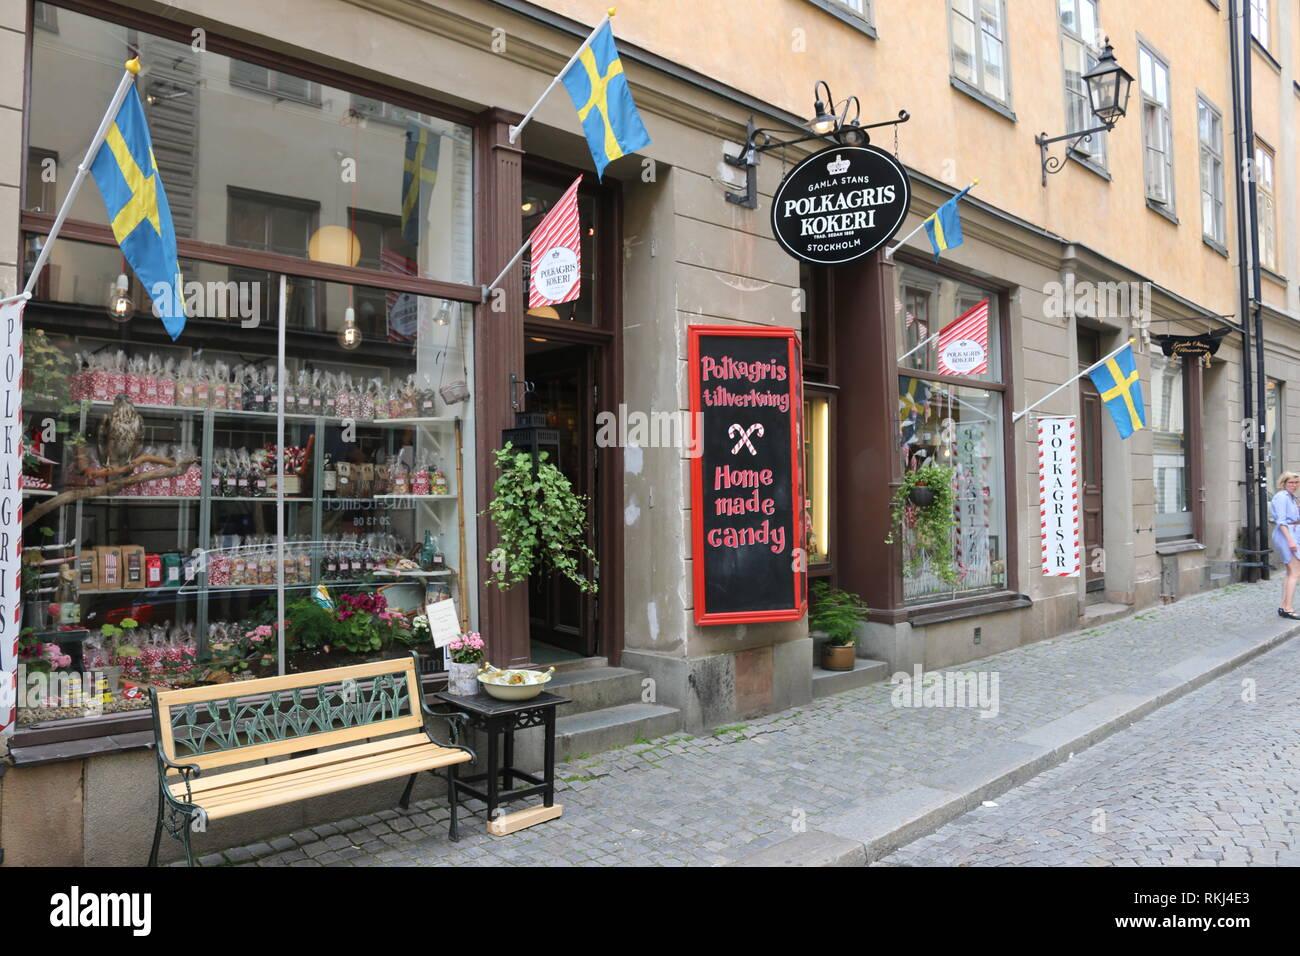 Gamla Stans Polkagriskokeri, Stockholm, Suède / Vieille Ville Polkagriskokeri, Stockholm, Suède Banque D'Images